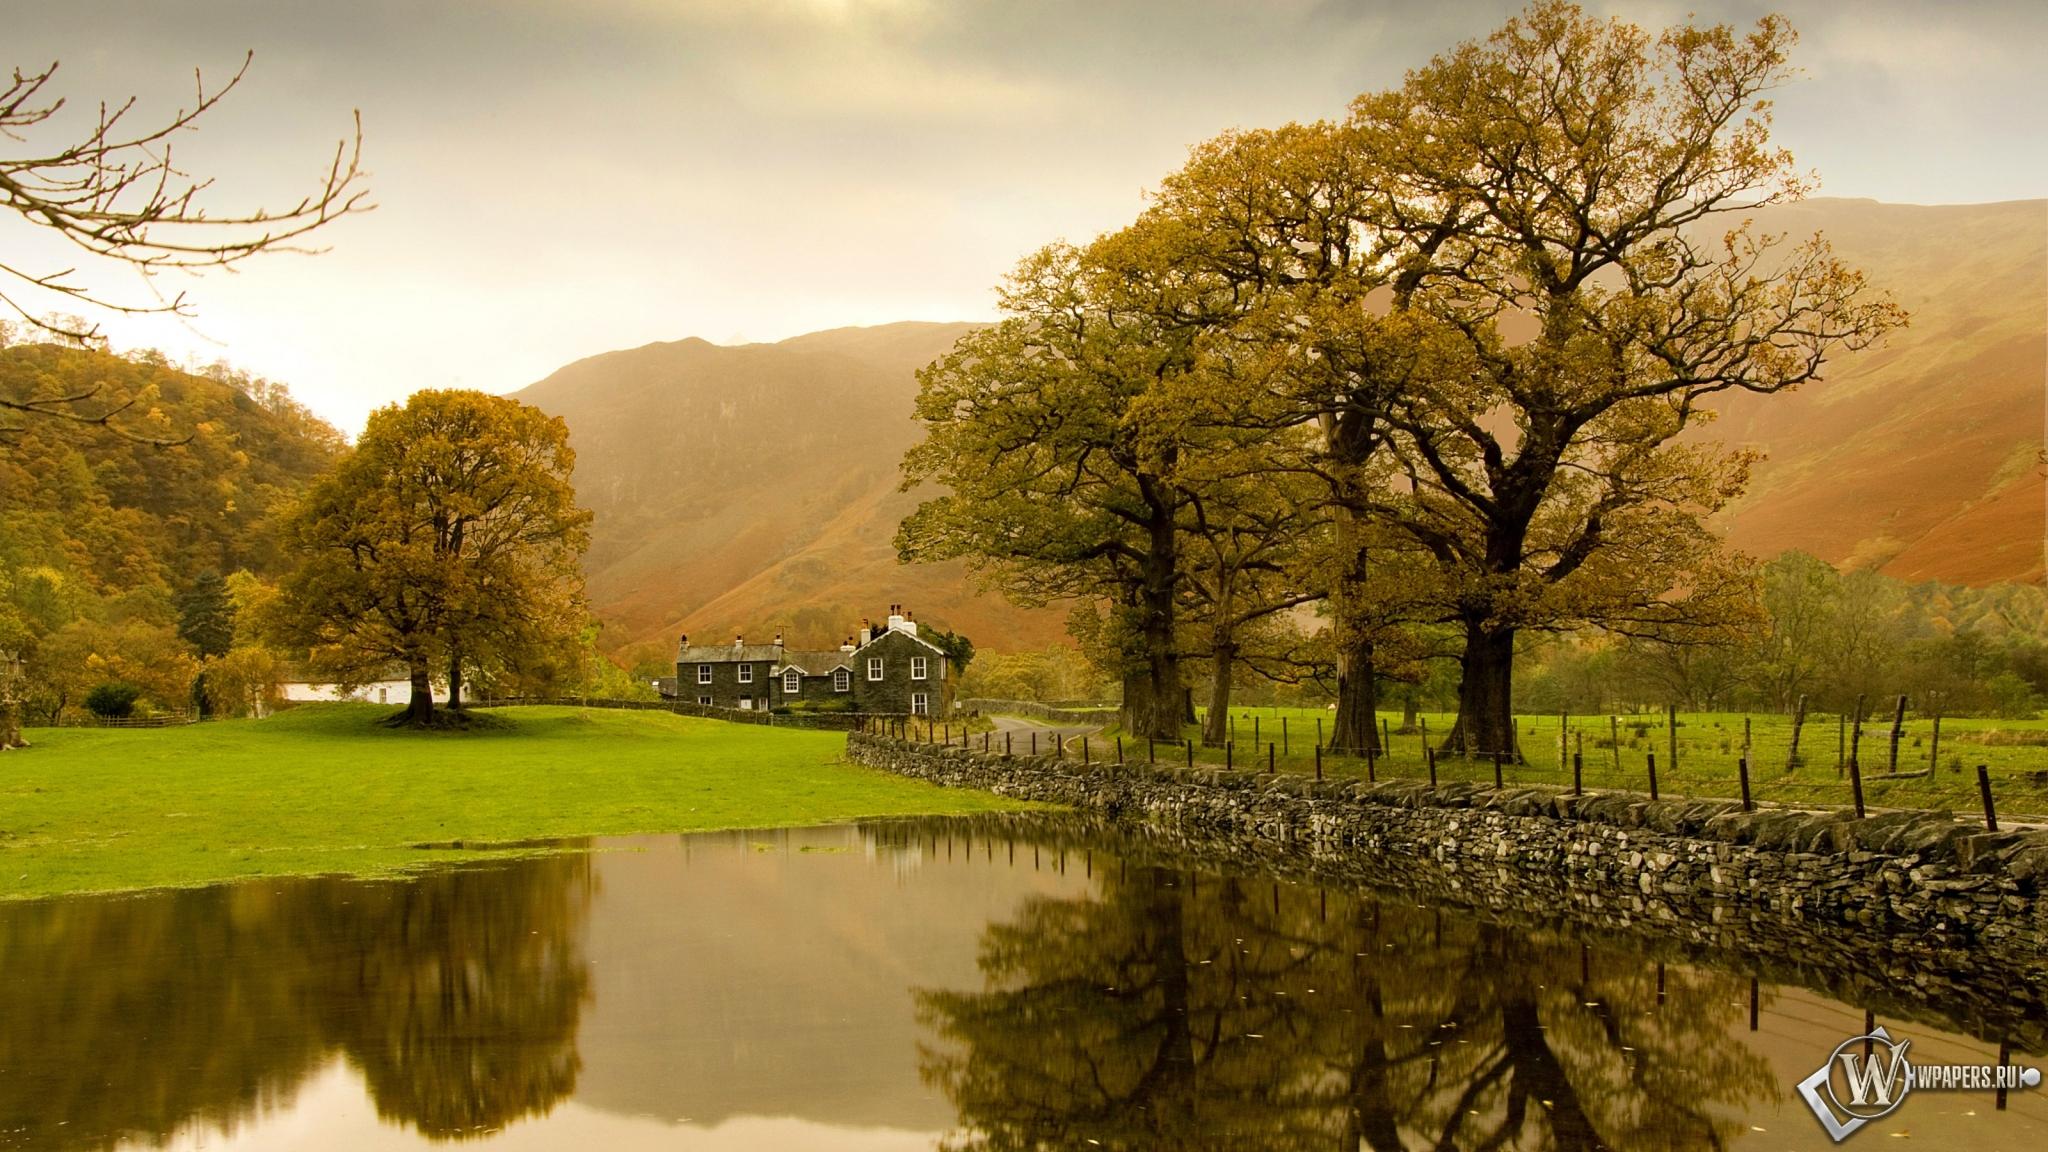 Природа озеро англия 2048x1152 картинки